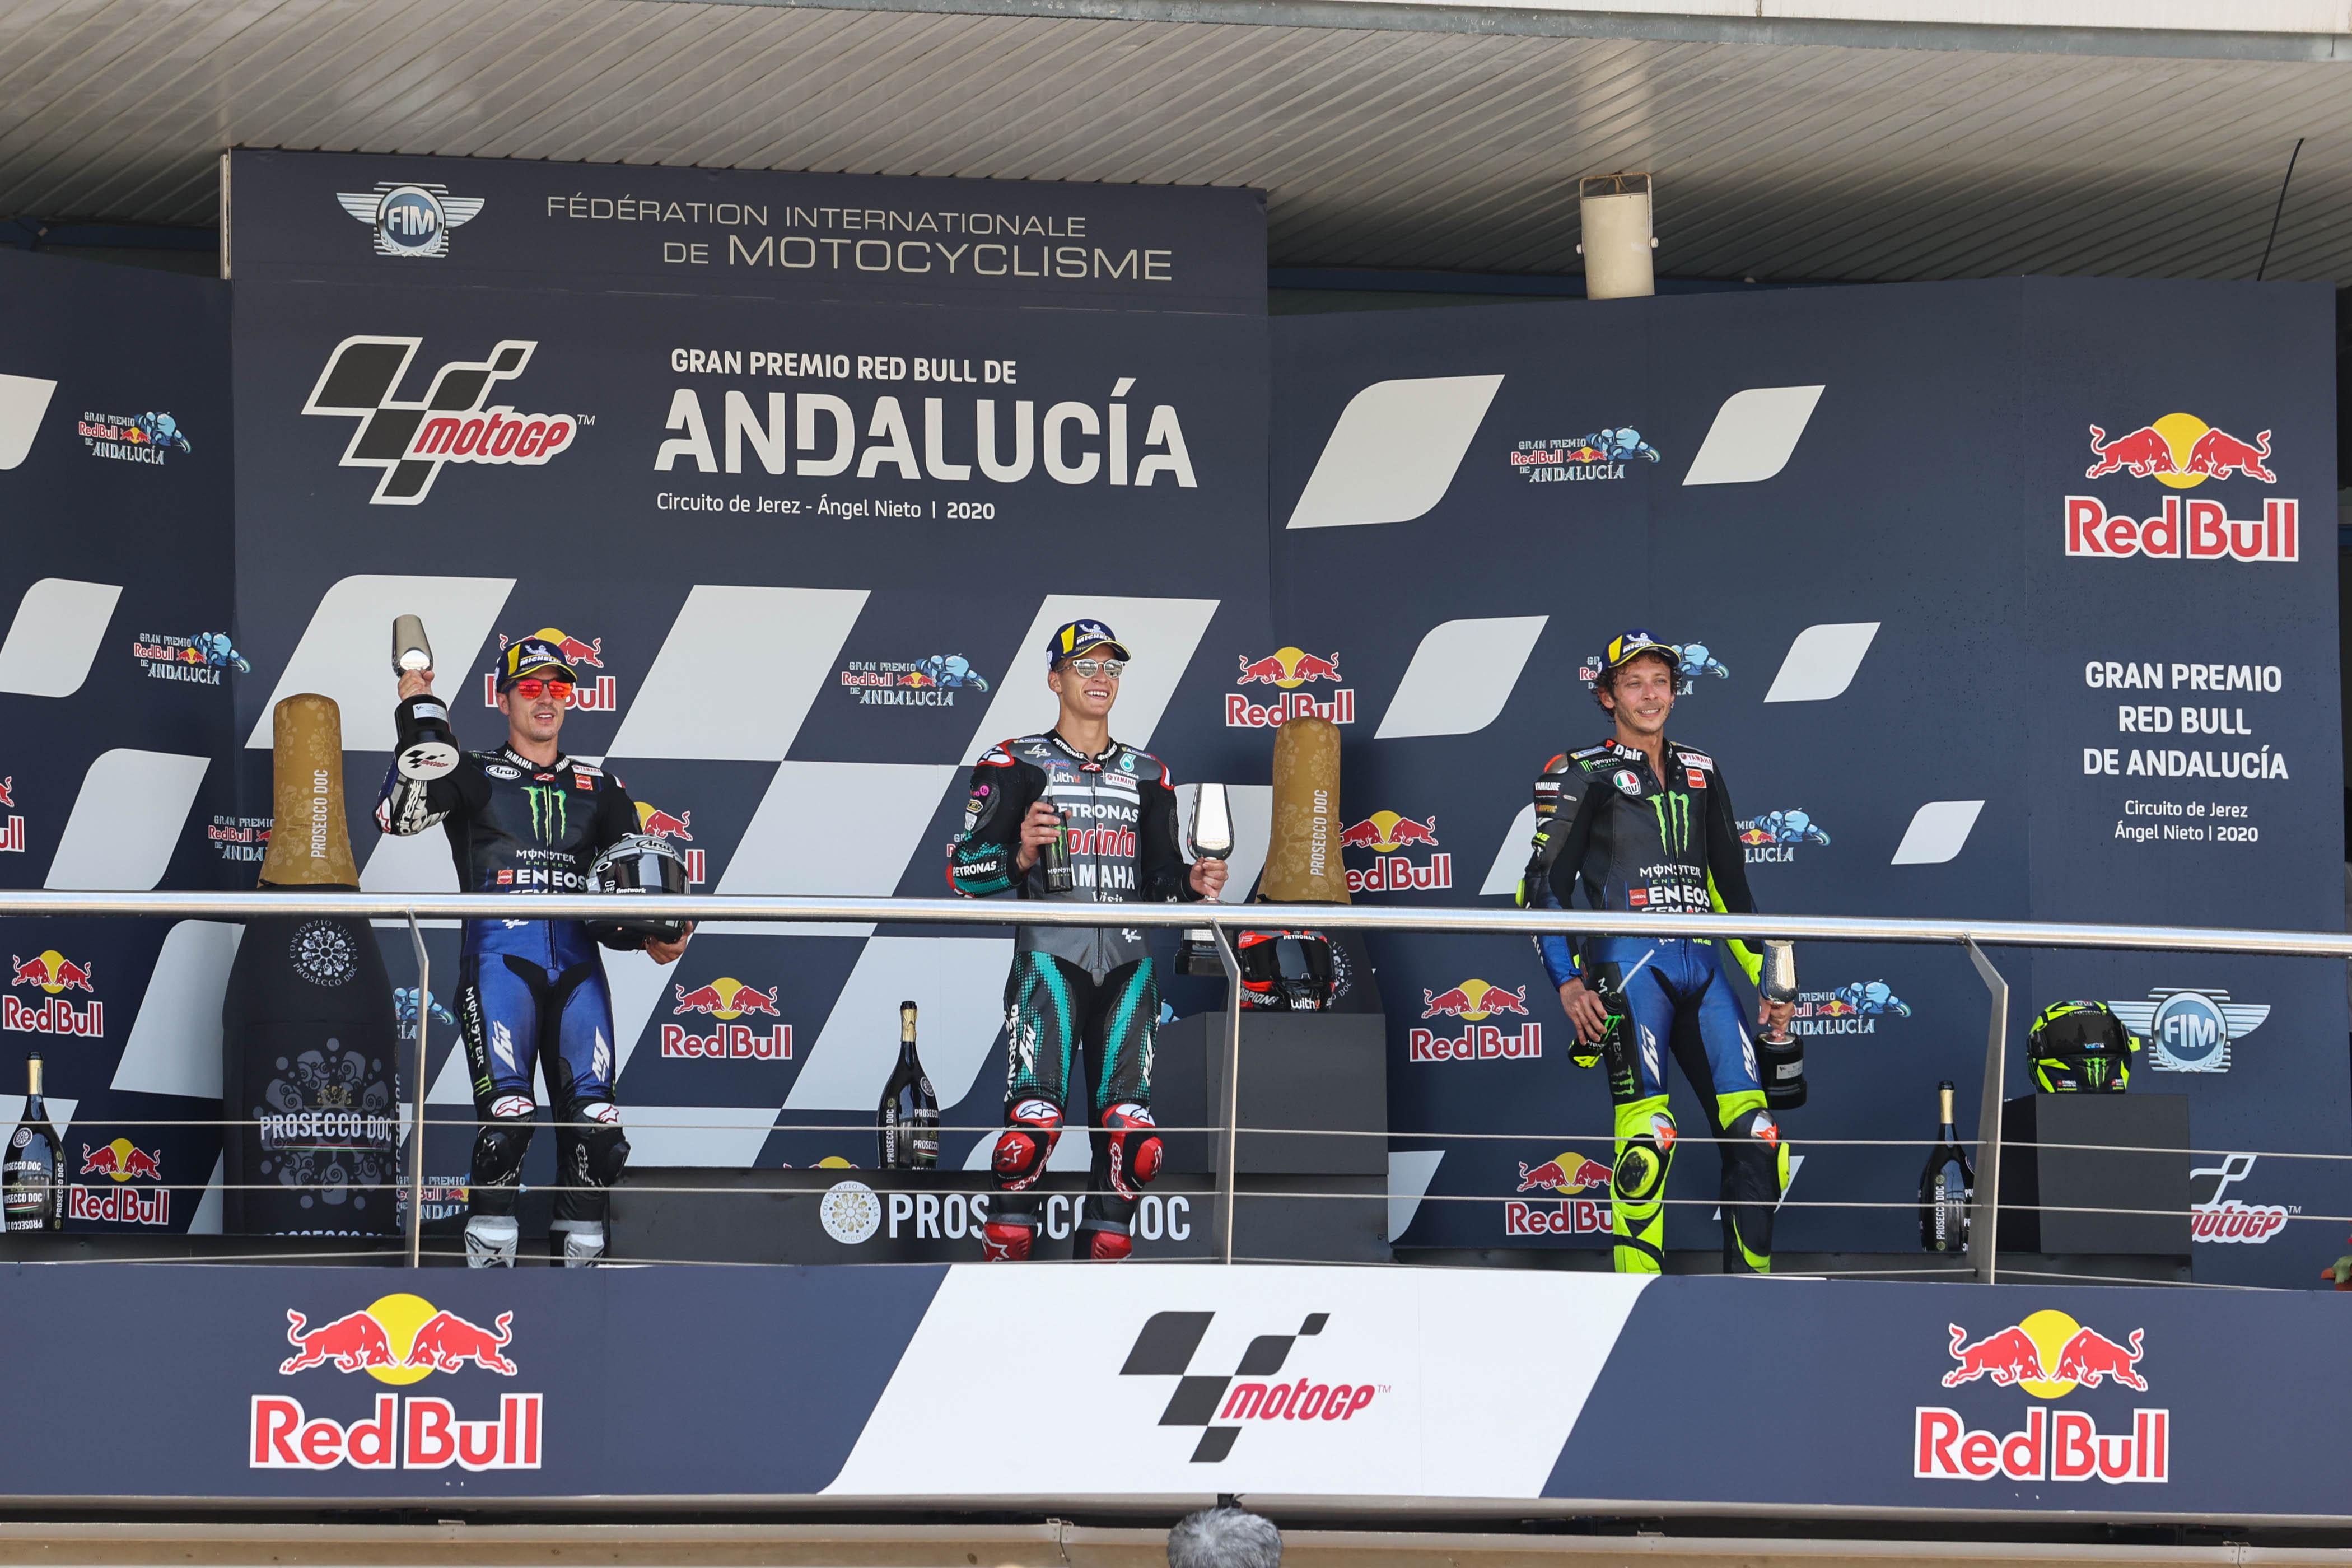 Fabio Quartararo, seguido de Viñales y Rossi copan el podio en el Circuito